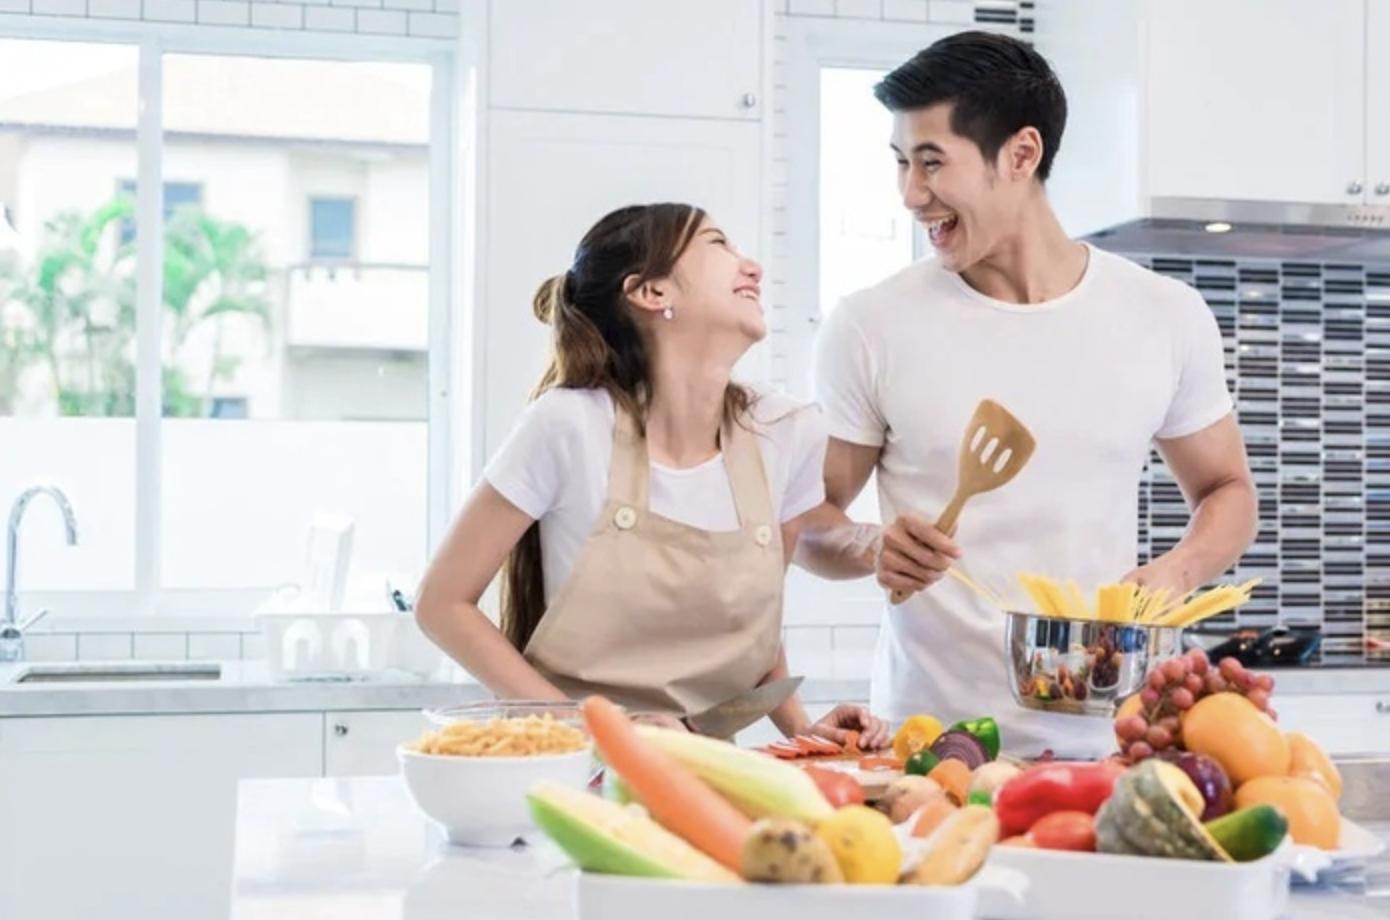 Gợi ý 5 cách tạo bất ngờ cho người phụ nữ mình yêu thương trong ngày 20/10 - Ảnh 1.